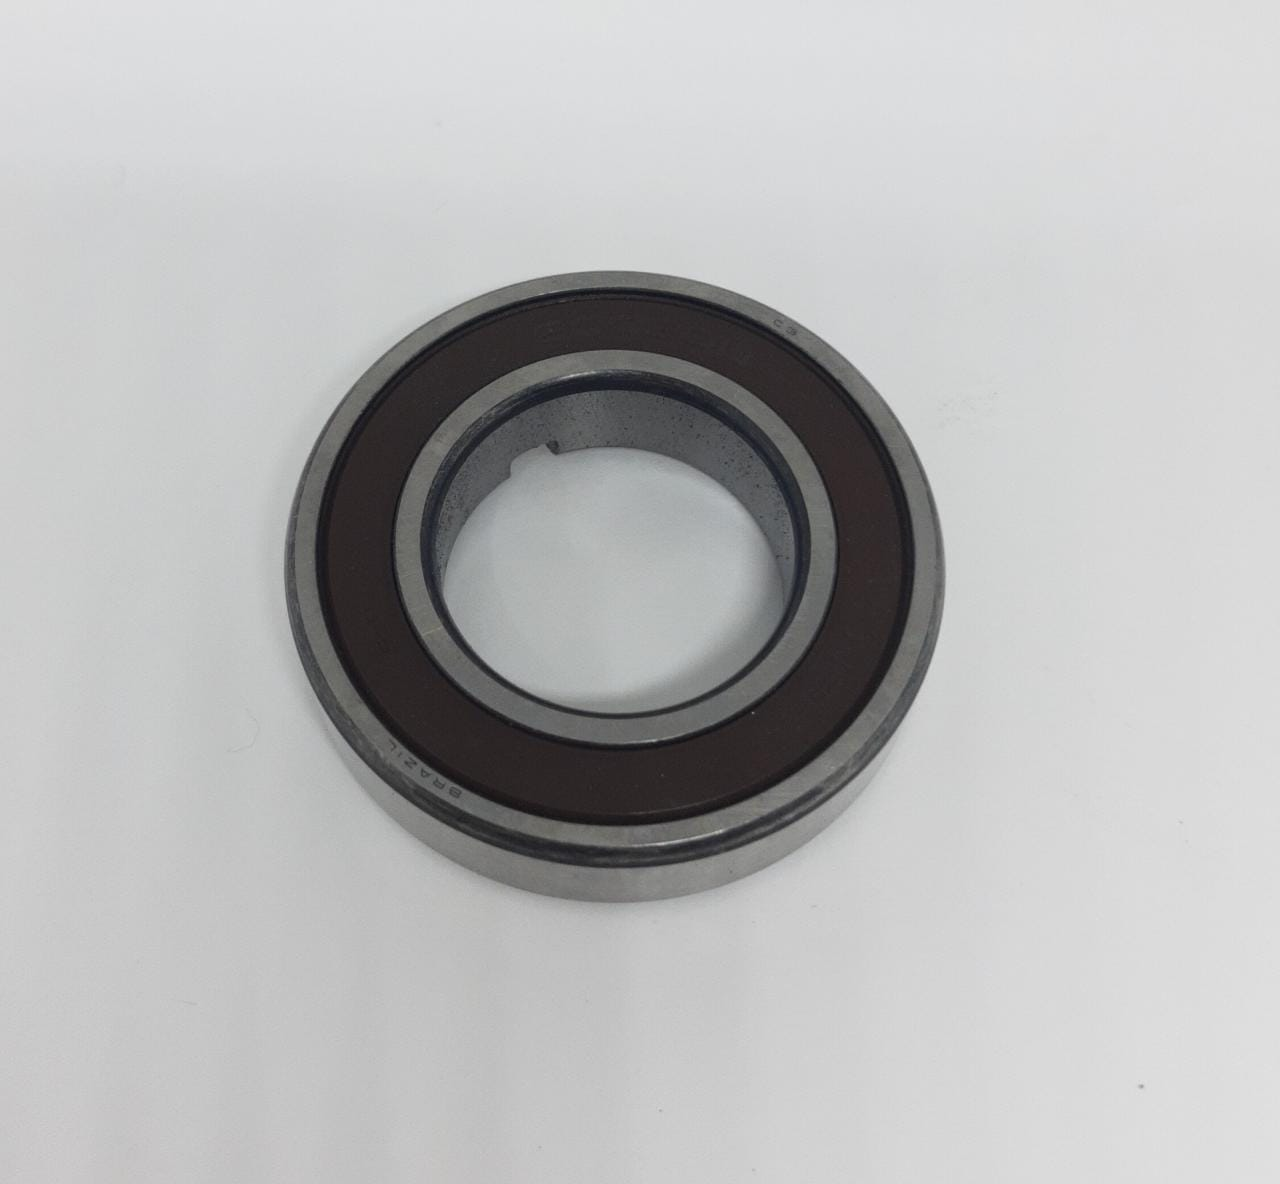 Rolamento Electrolux  6206zz -  30 X 62 X 16mm